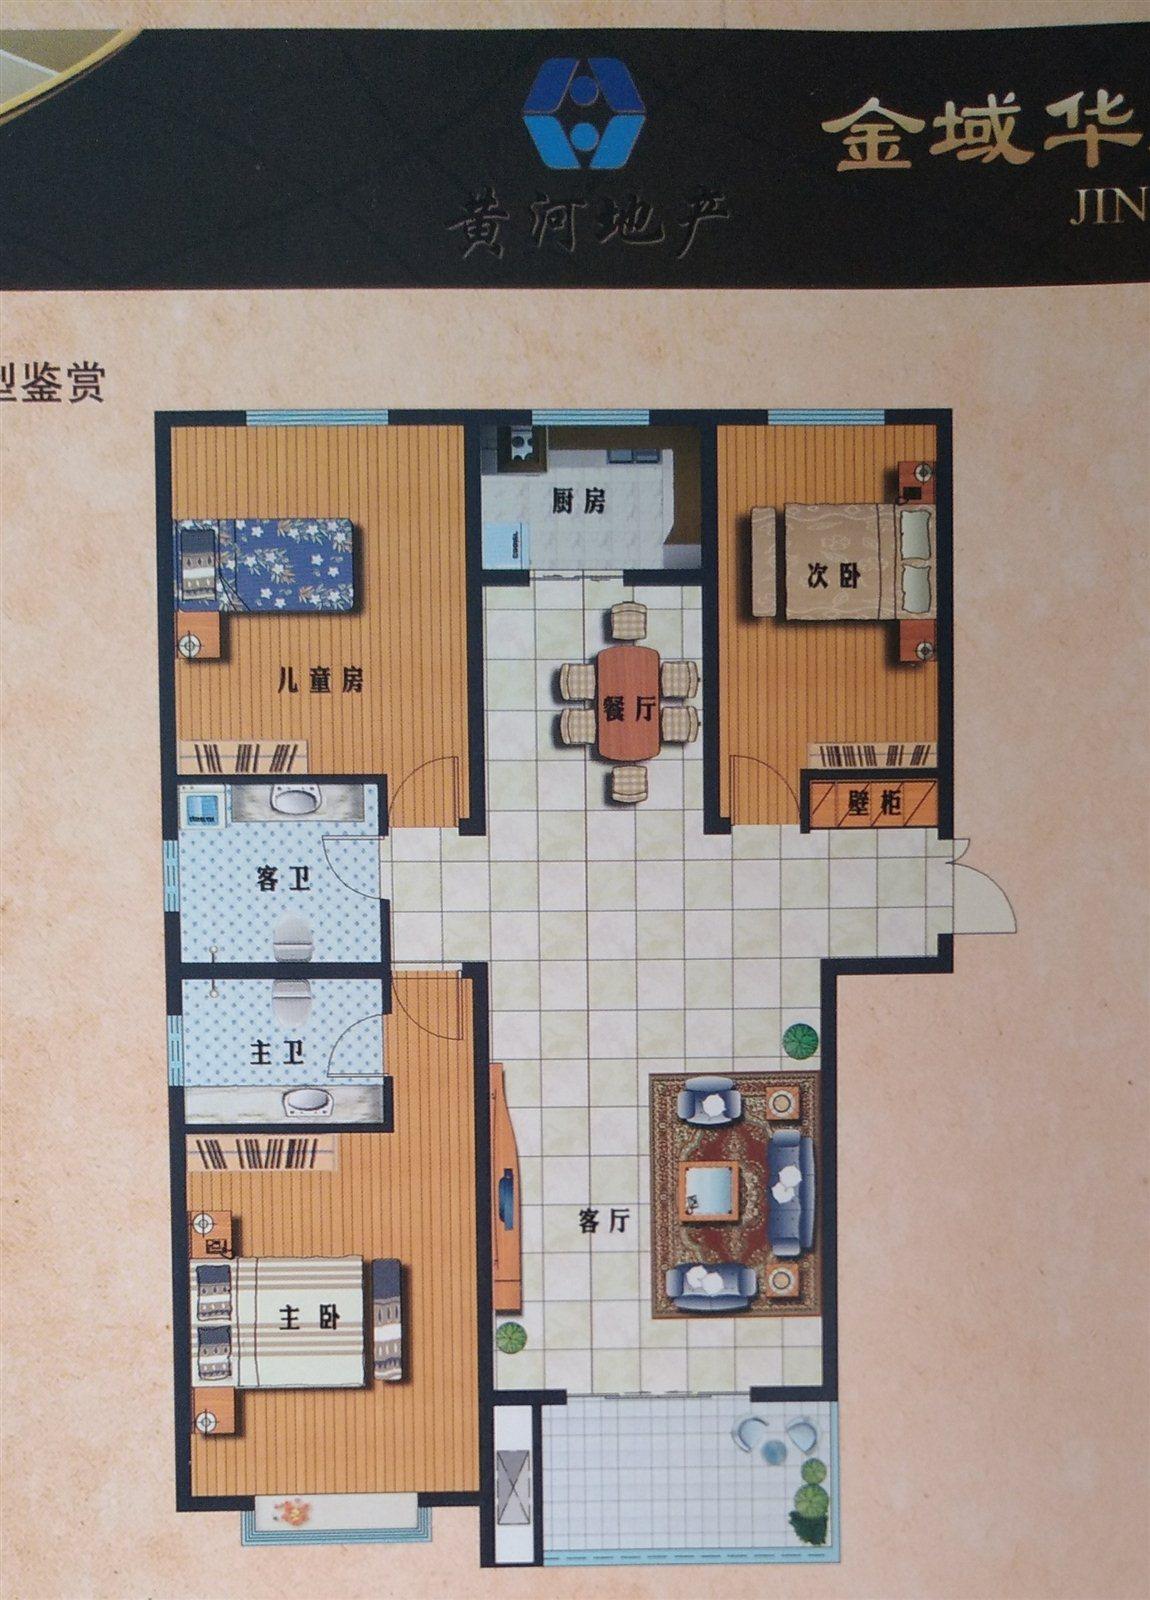 低价出售金域华府三期3室 2厅 2卫16楼顶楼